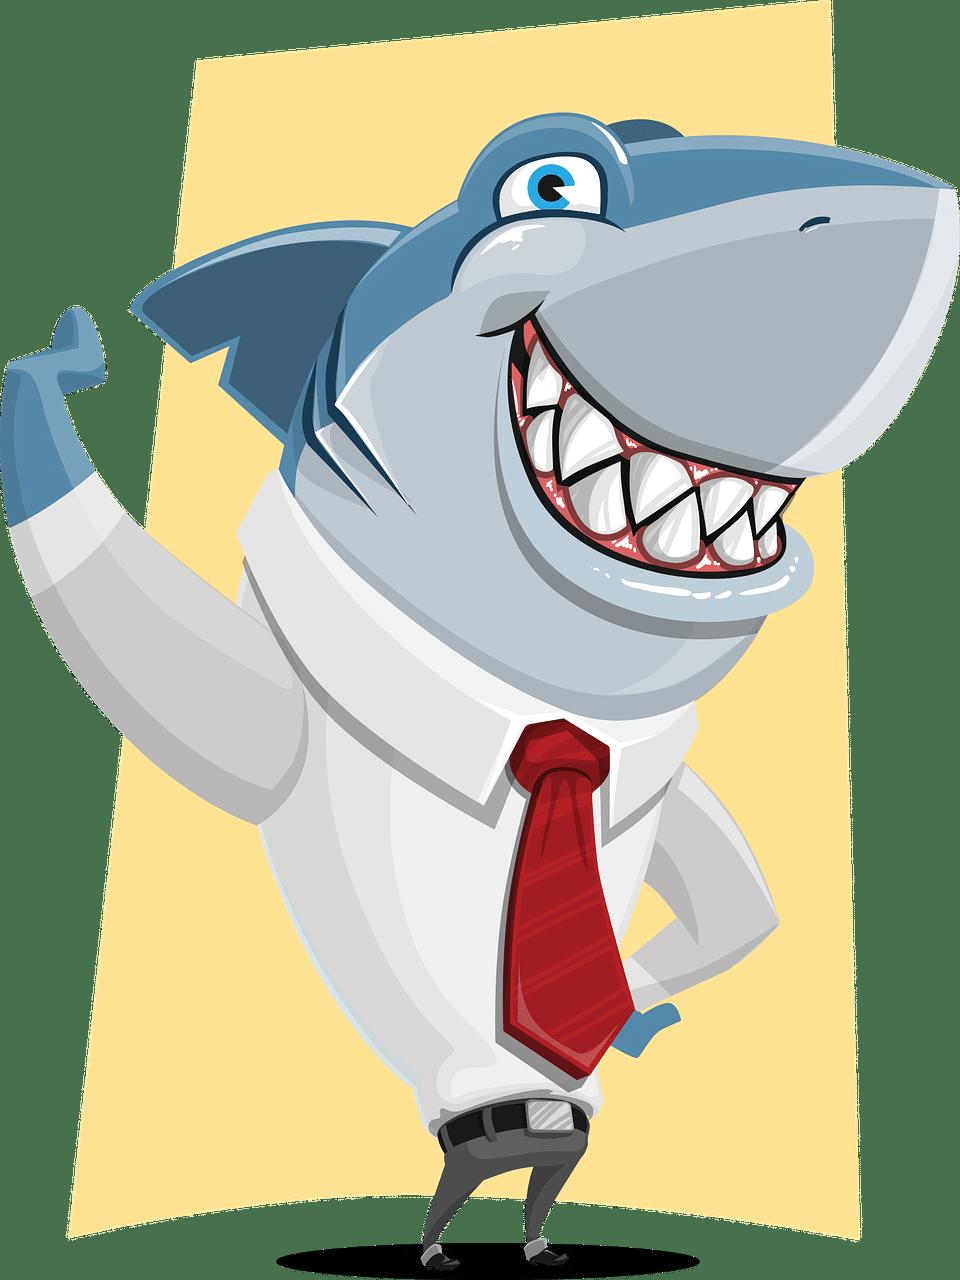 Loan Sharks | Investor Fraud